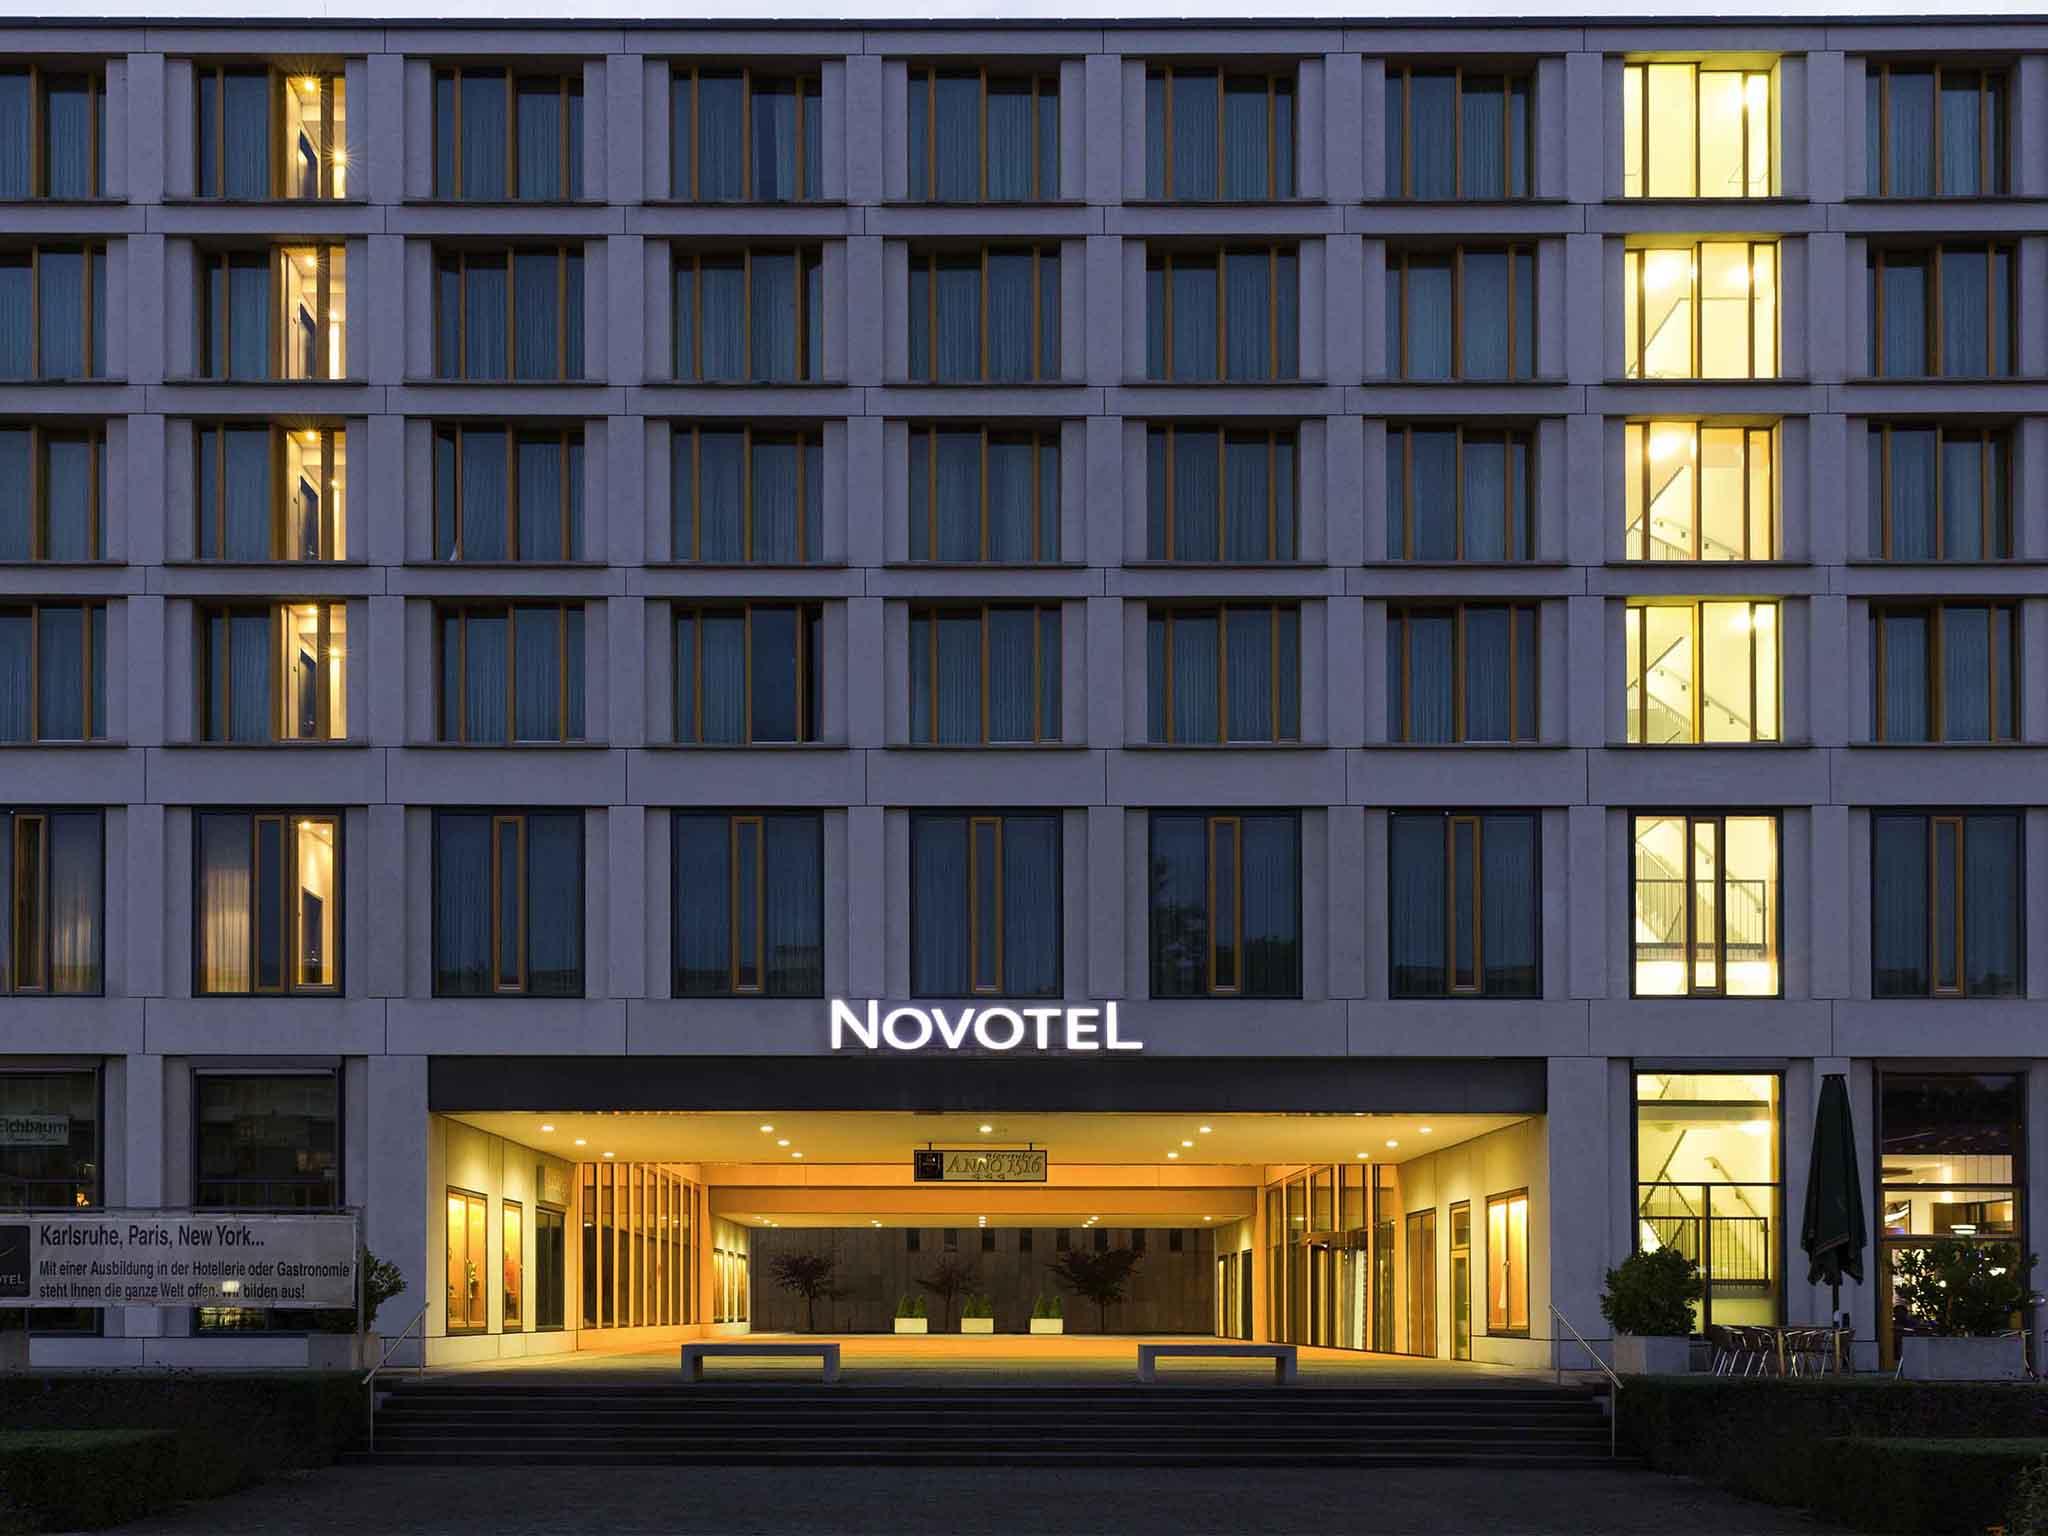 Hotel - Novotel Karlsruhe City